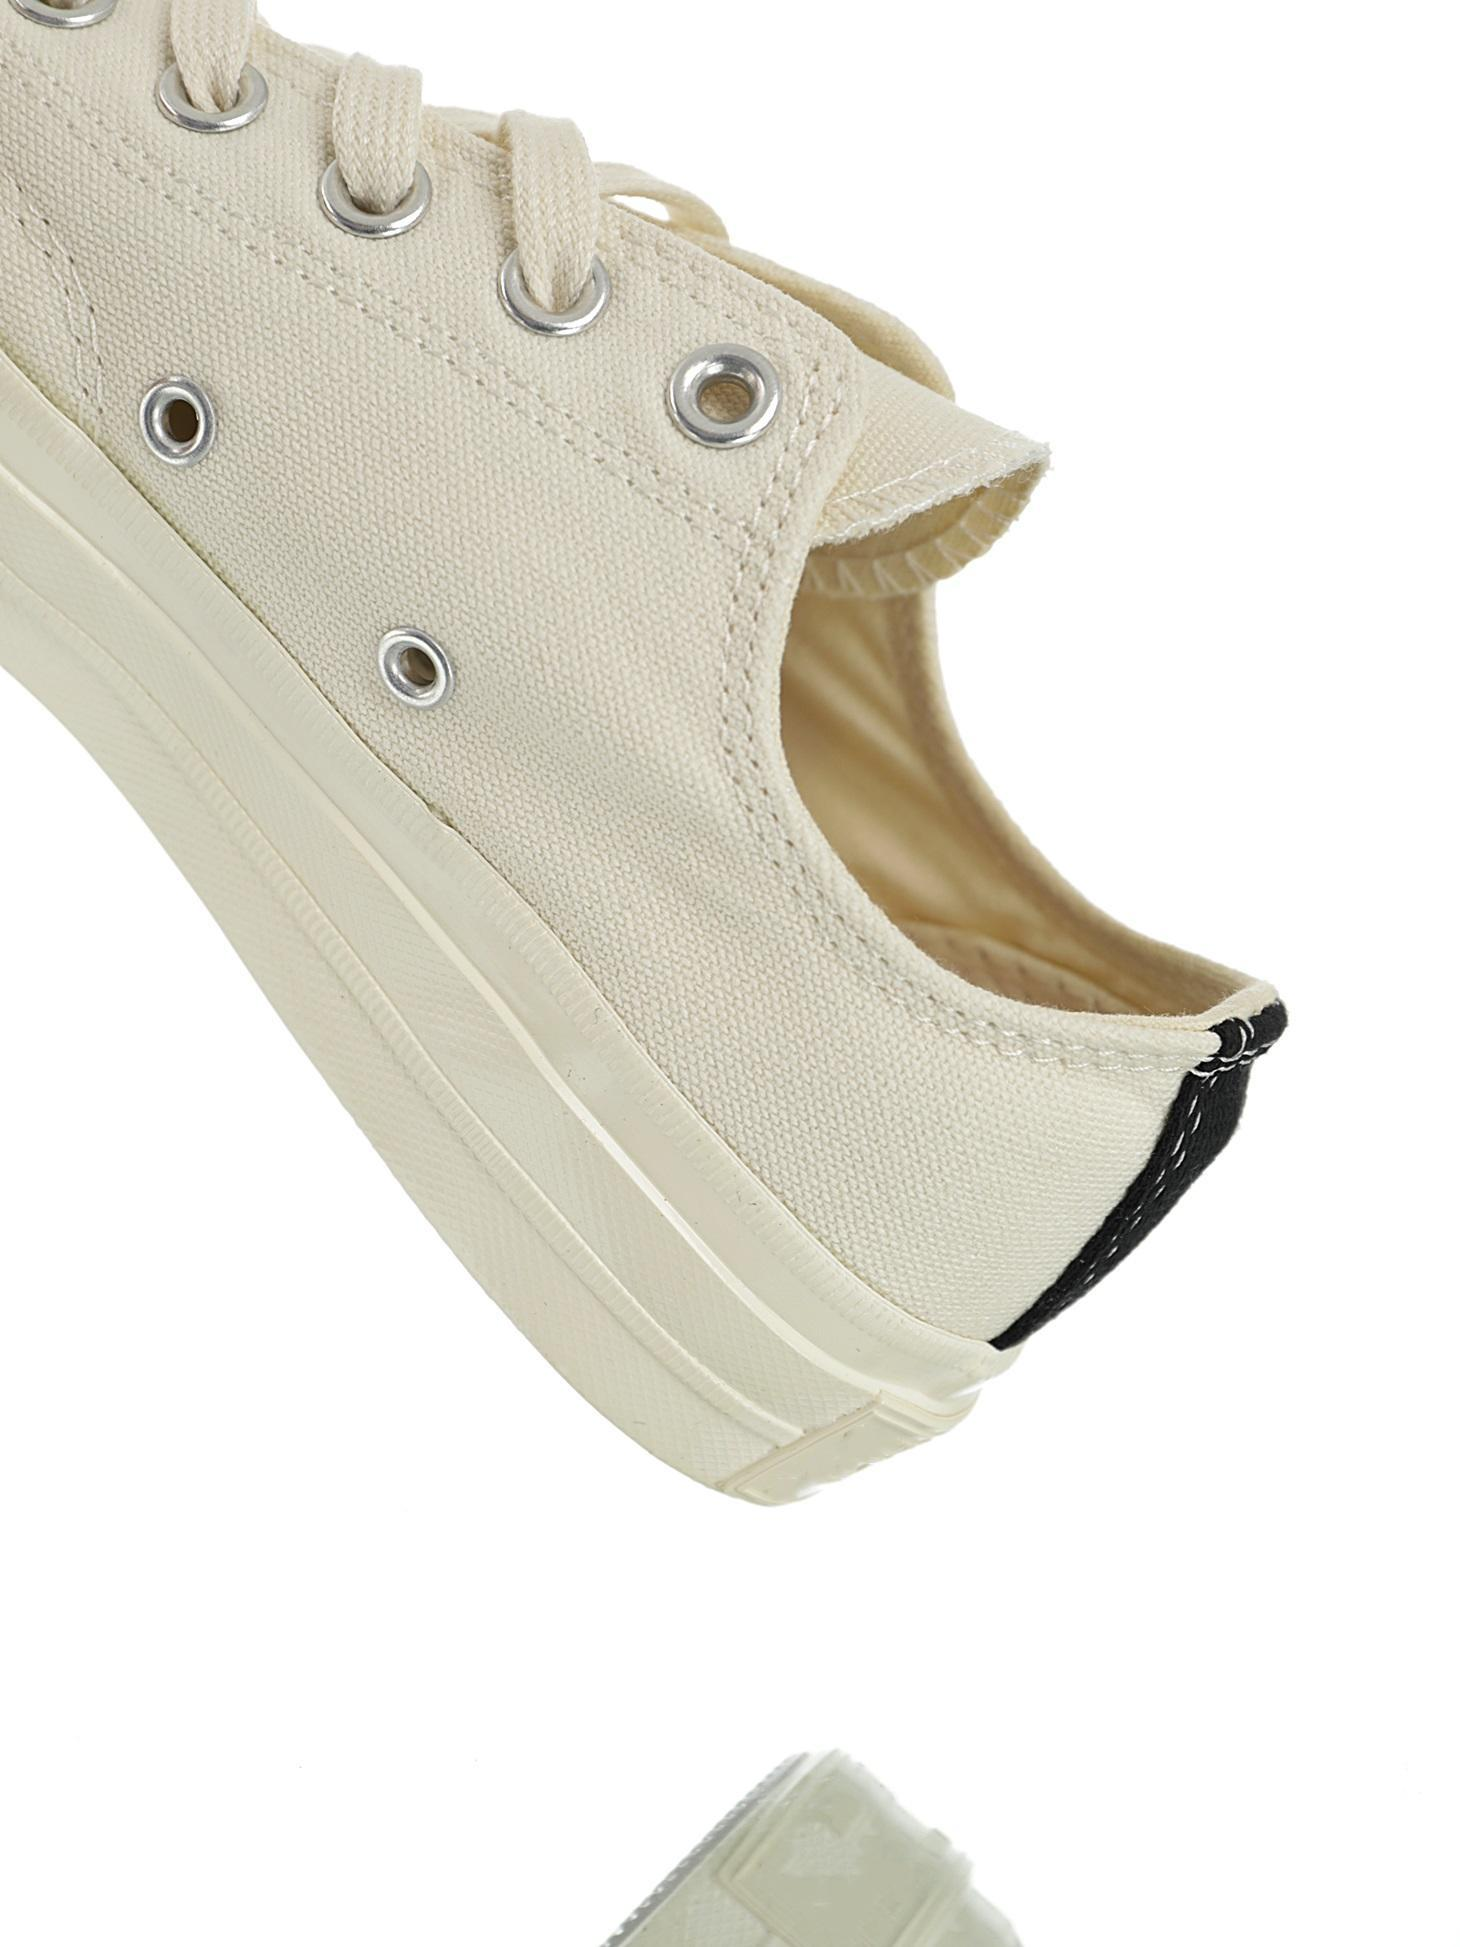 Nouvelle arrivée 34 à 44, Chaussures causales et toile unisexe mode de chaussures de toile de bonne qualité Zapatillas Chaussures populaires pour hommes et femmes